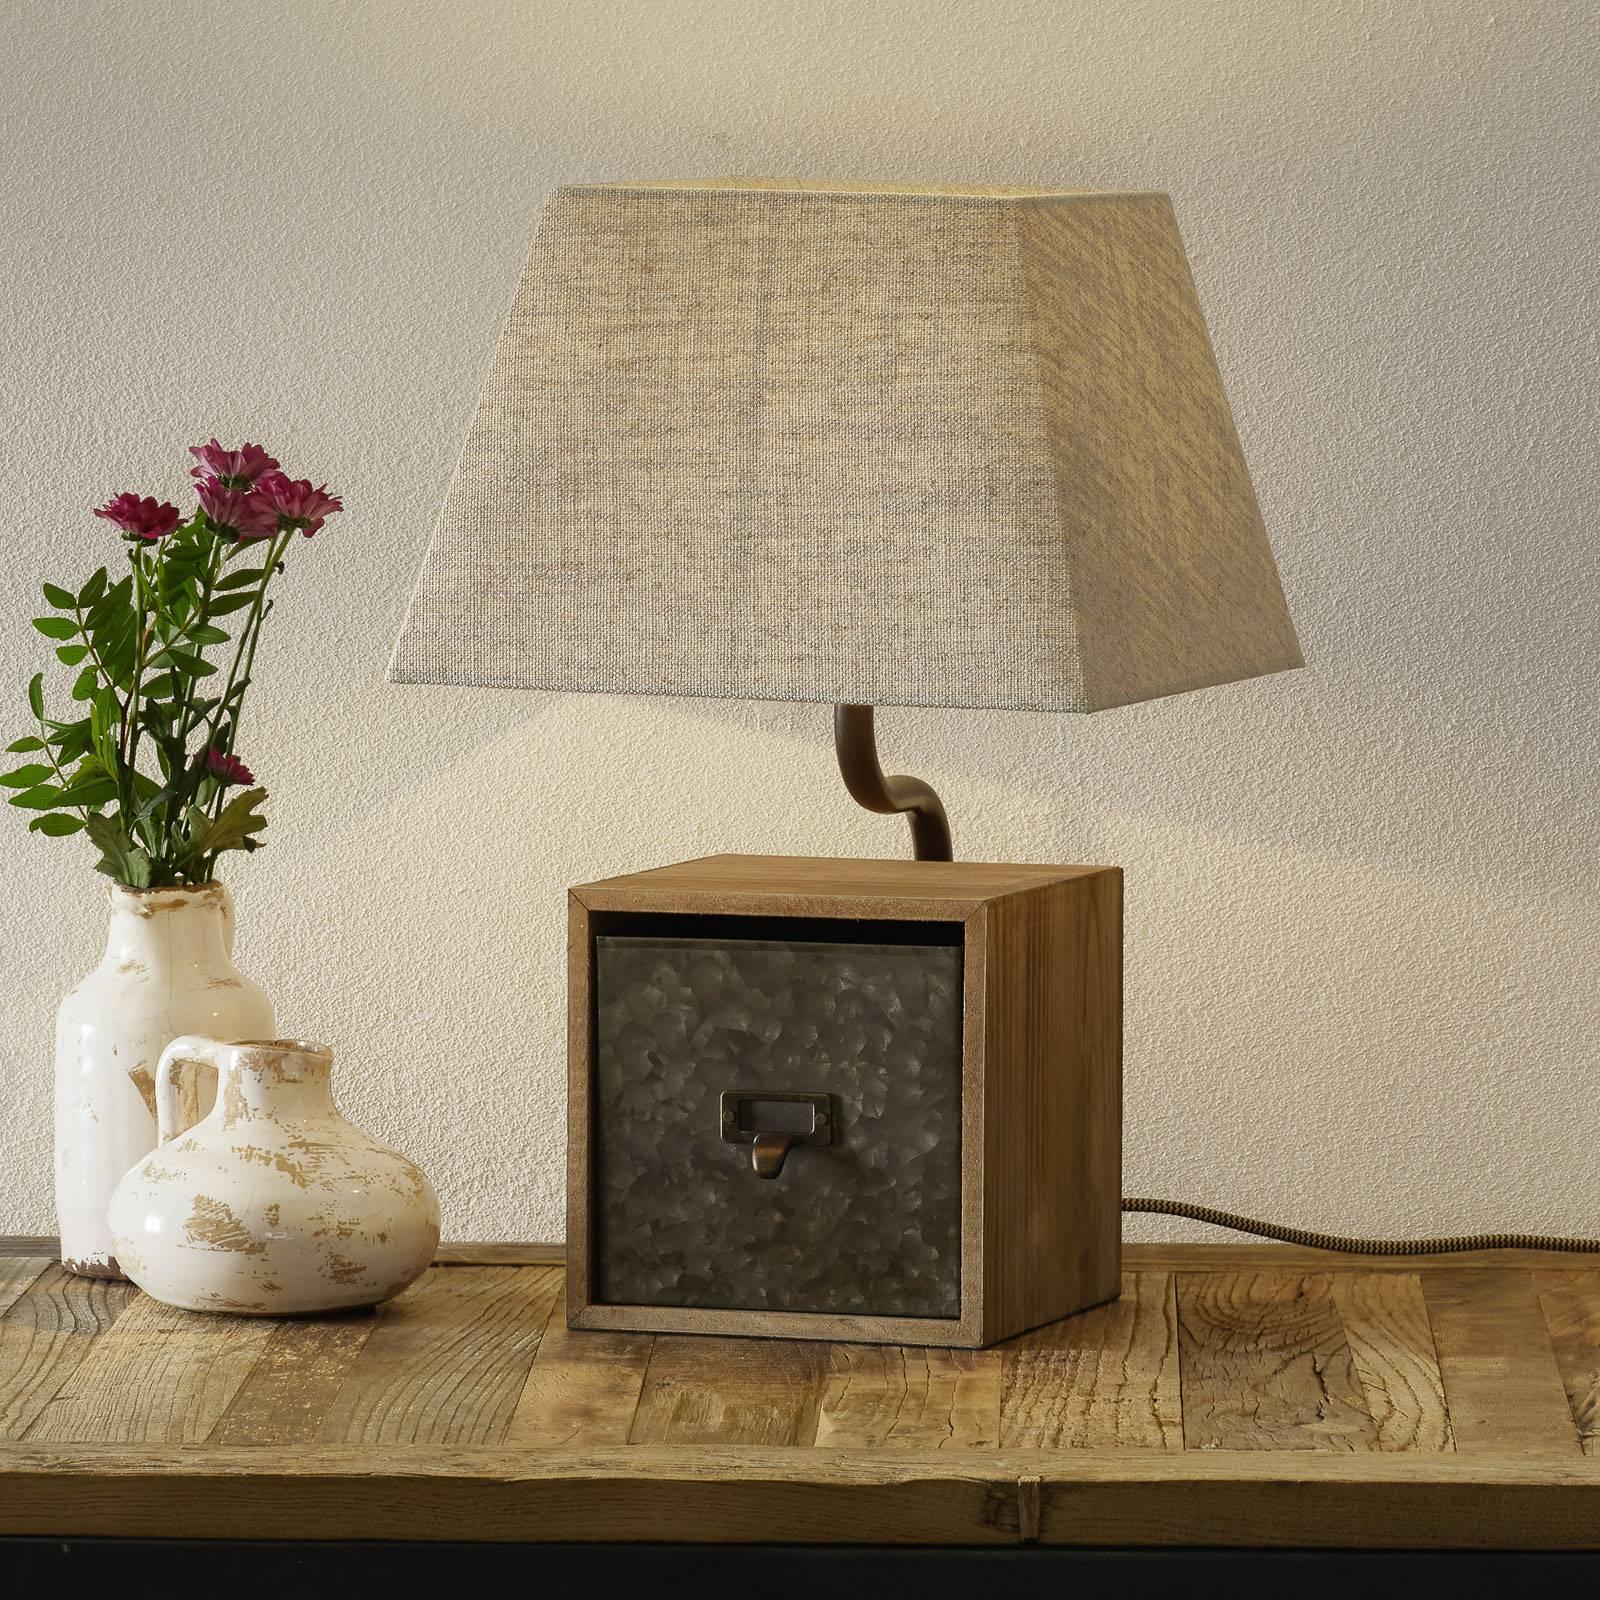 Tafellamp Cassetto met lade, hoogte 46 cm